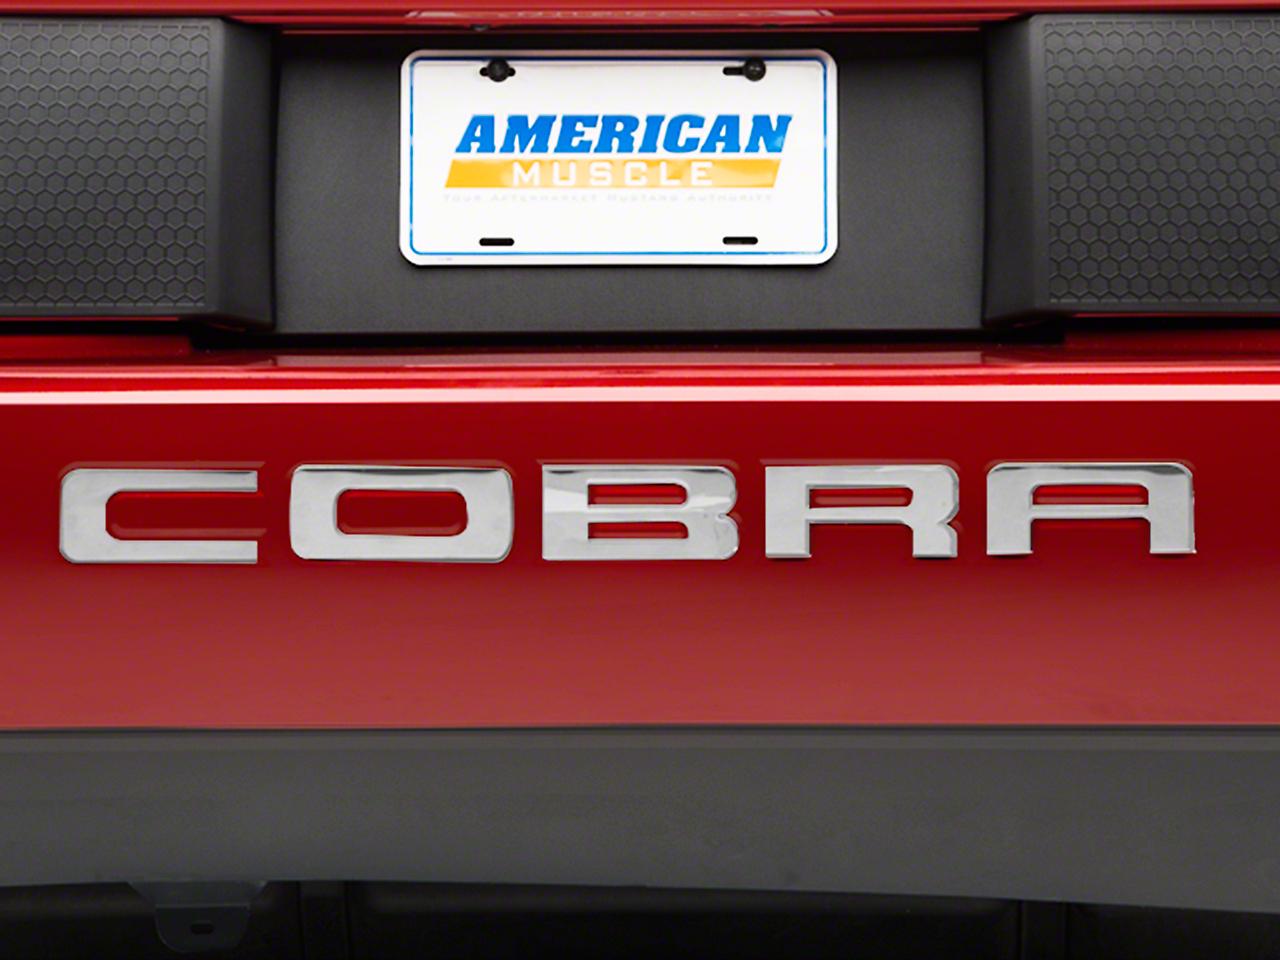 Stainless Steel Bumper Insert Letters (03-04 Cobra)